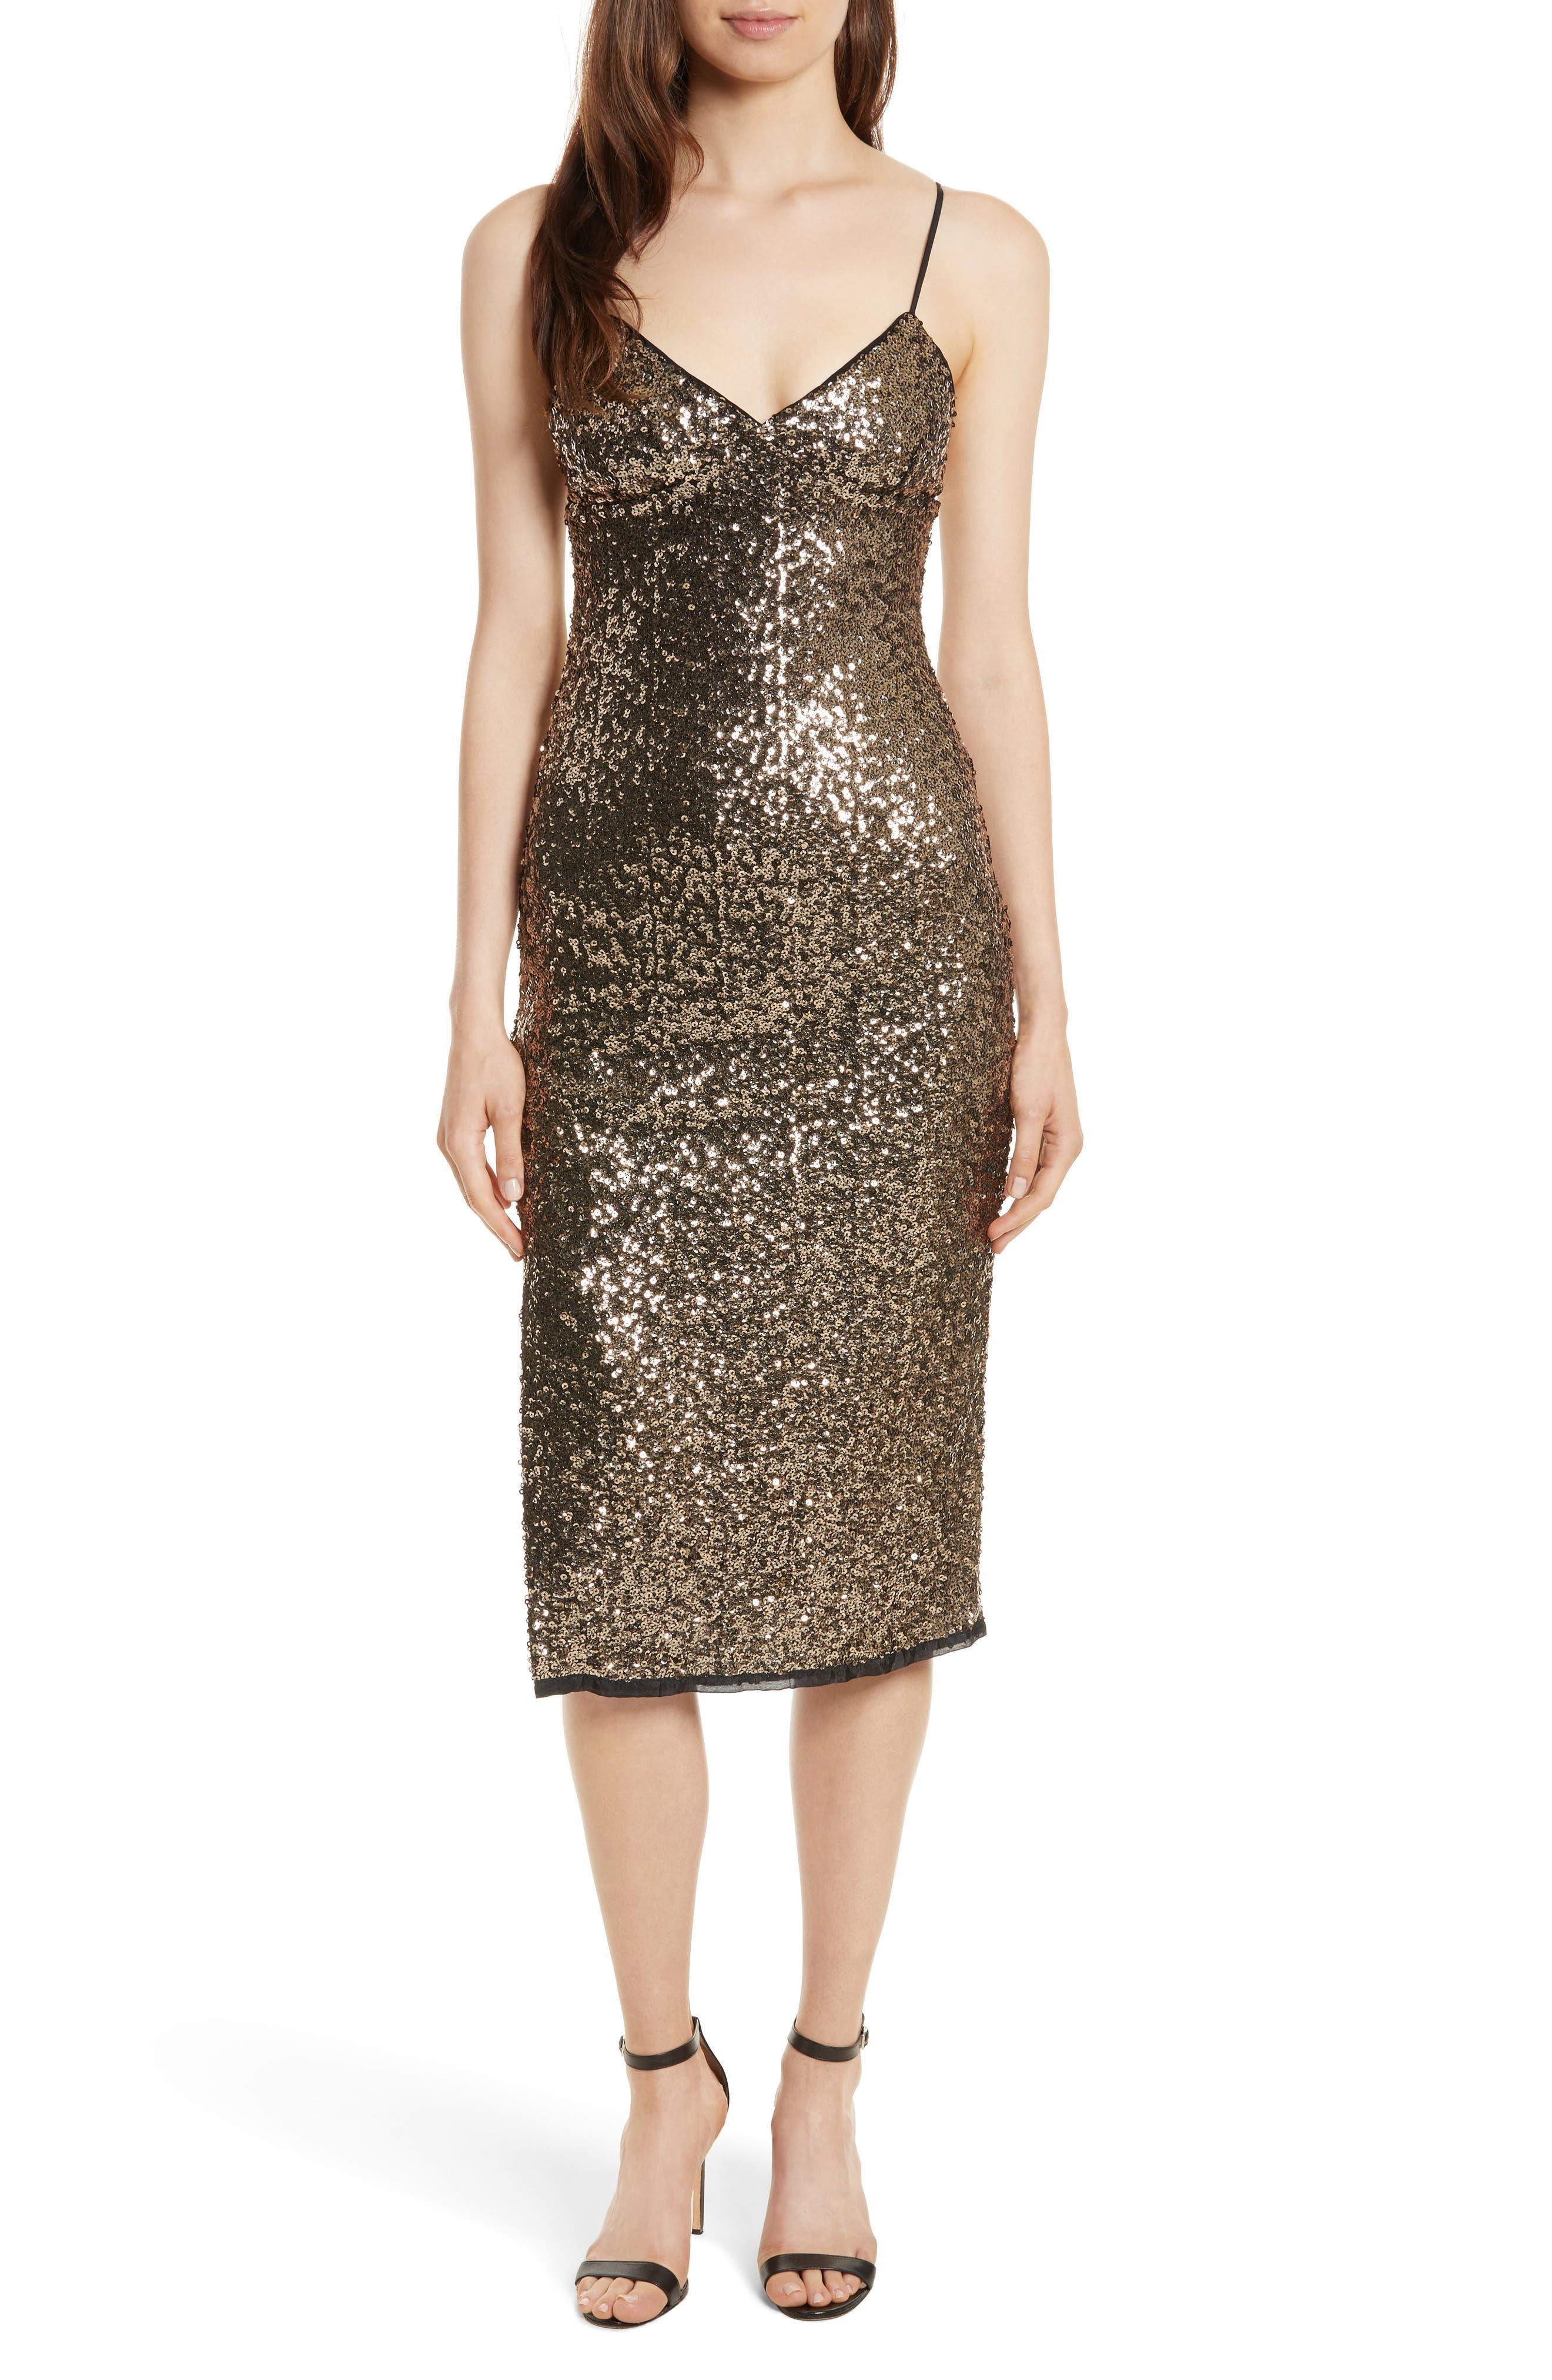 Alexis Sequin Camisole Dress,                             Main thumbnail 1, color,                             Antique Gold